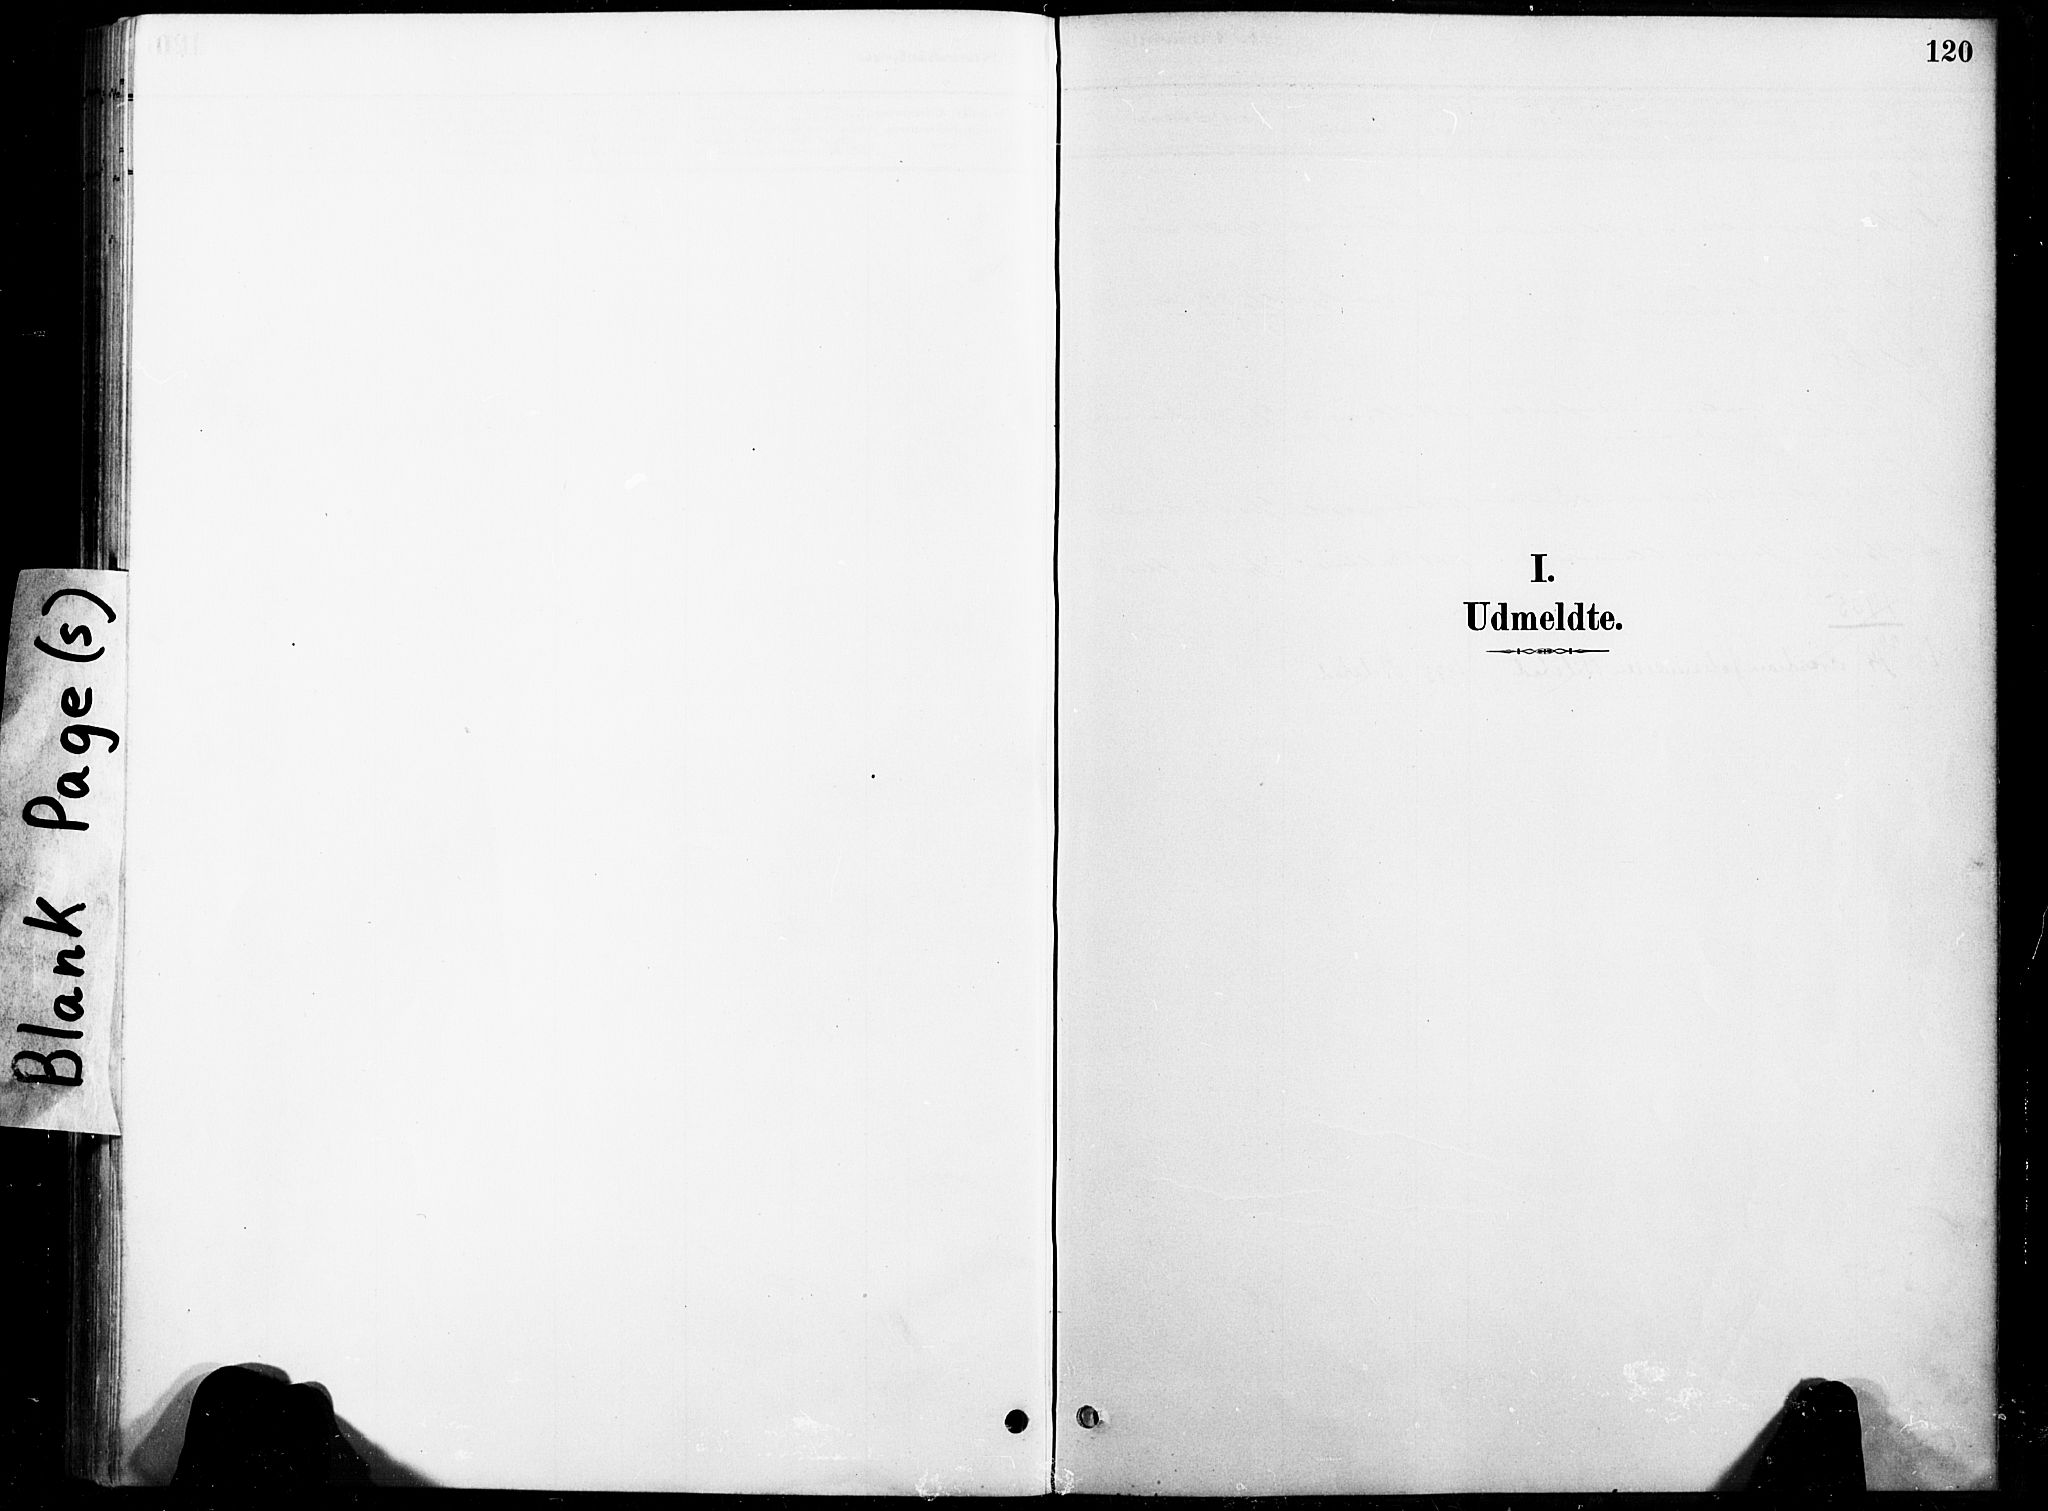 SAT, Ministerialprotokoller, klokkerbøker og fødselsregistre - Nord-Trøndelag, 738/L0364: Ministerialbok nr. 738A01, 1884-1902, s. 120